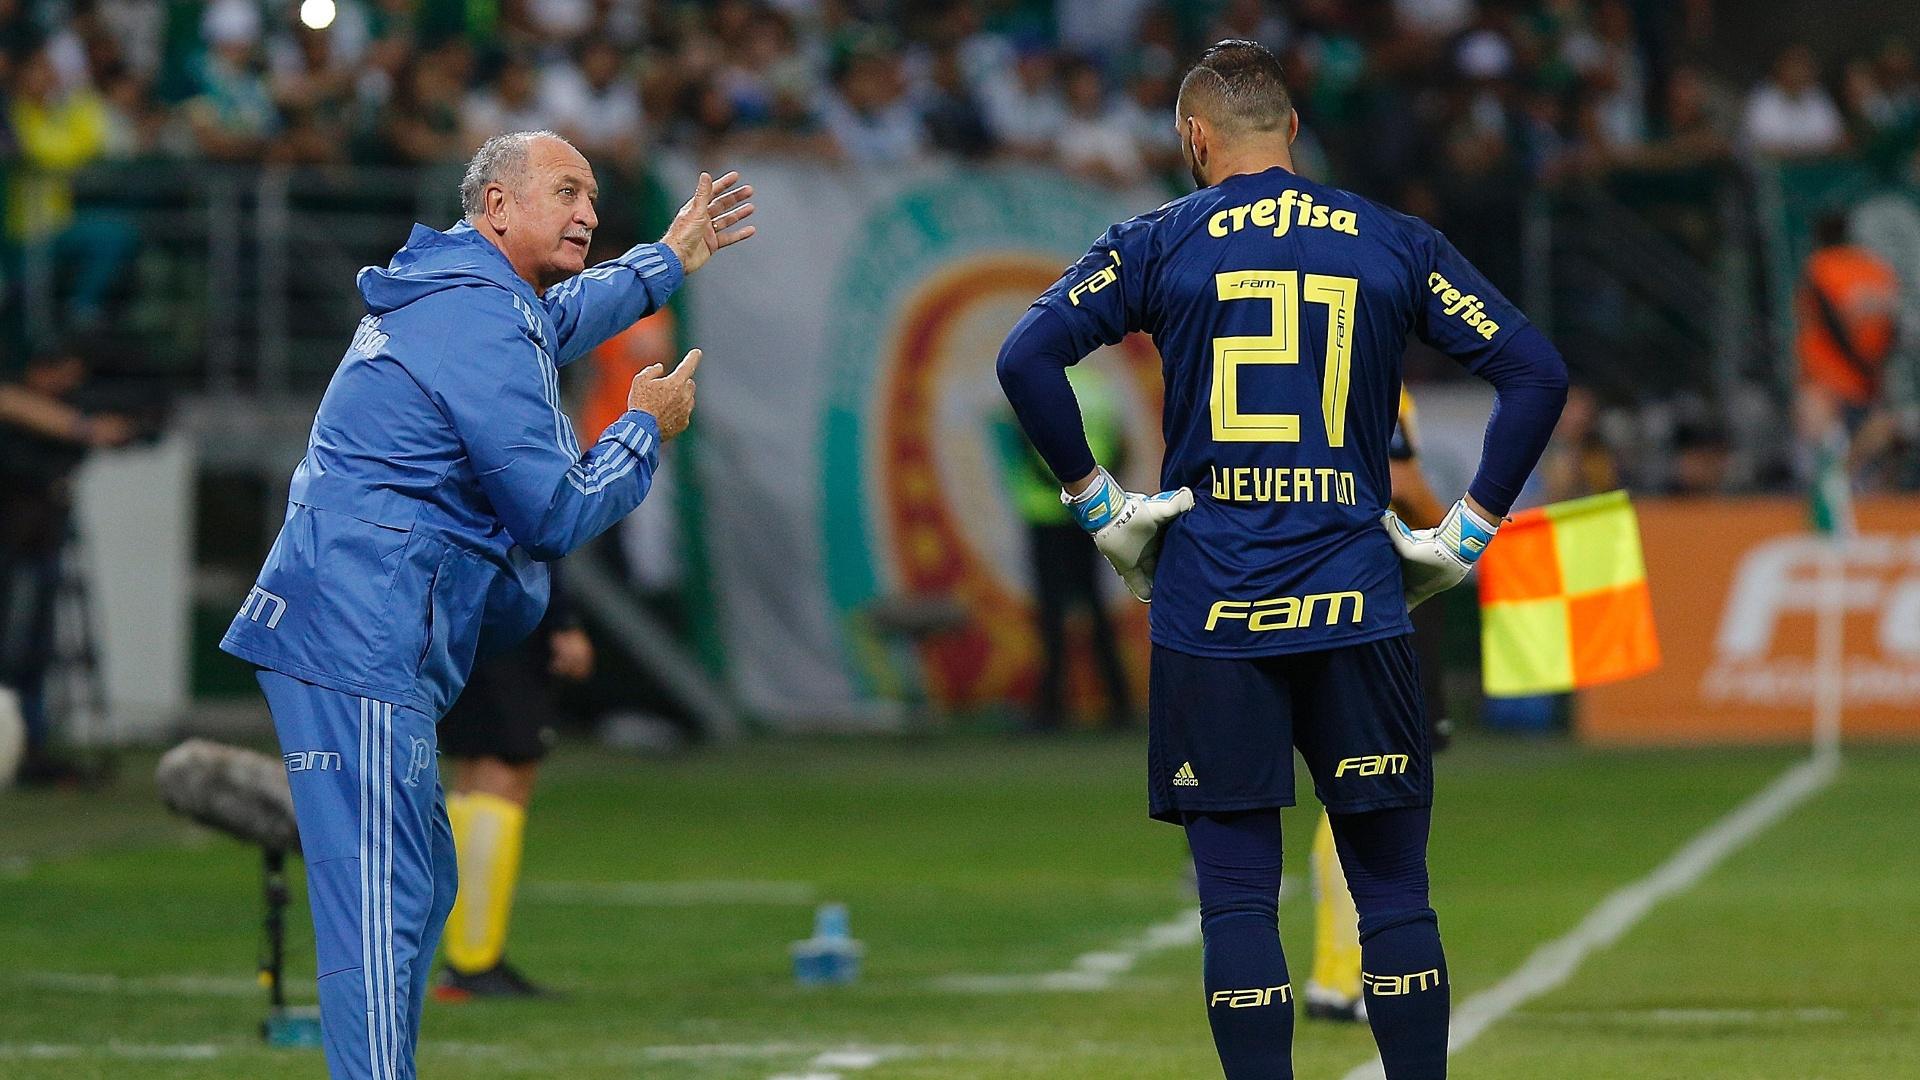 O técnico Luiz Felipe Scolari (Felipão) orienta o goleiro Weverton no jogo entre Palmeiras e Botafogo